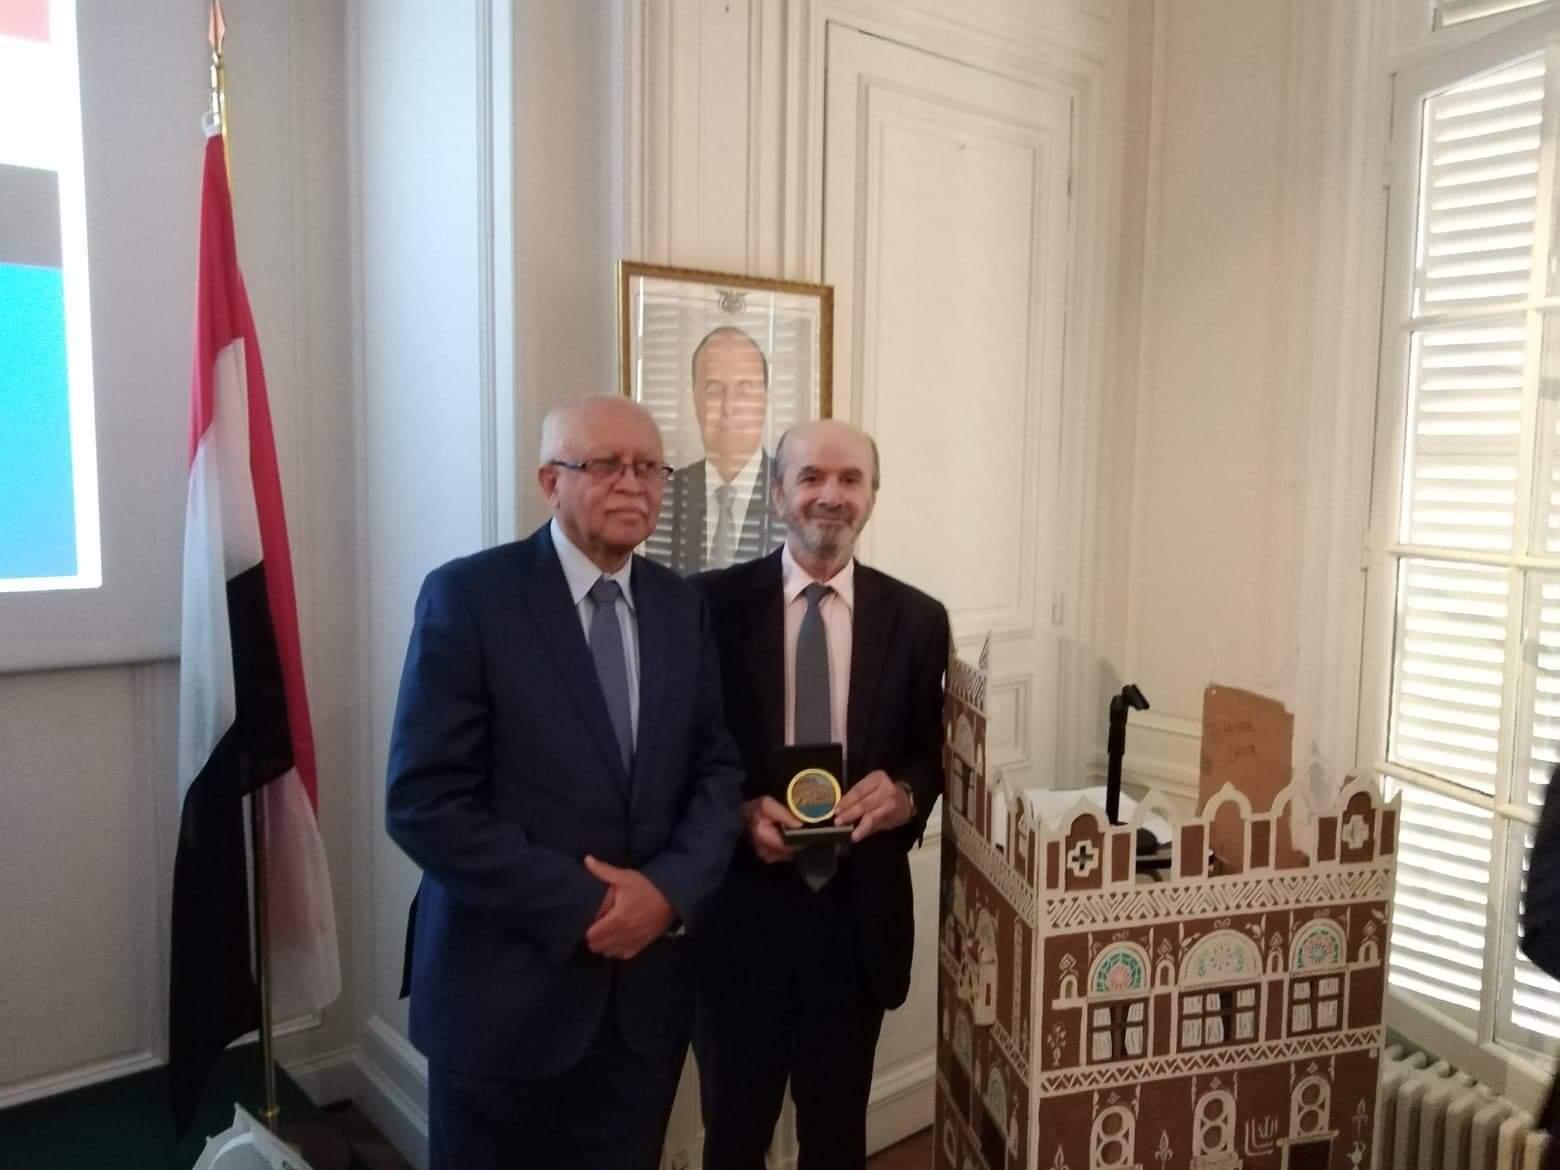 السفير اليمني بباريس يكرم منظمة اطباء بلاحدود